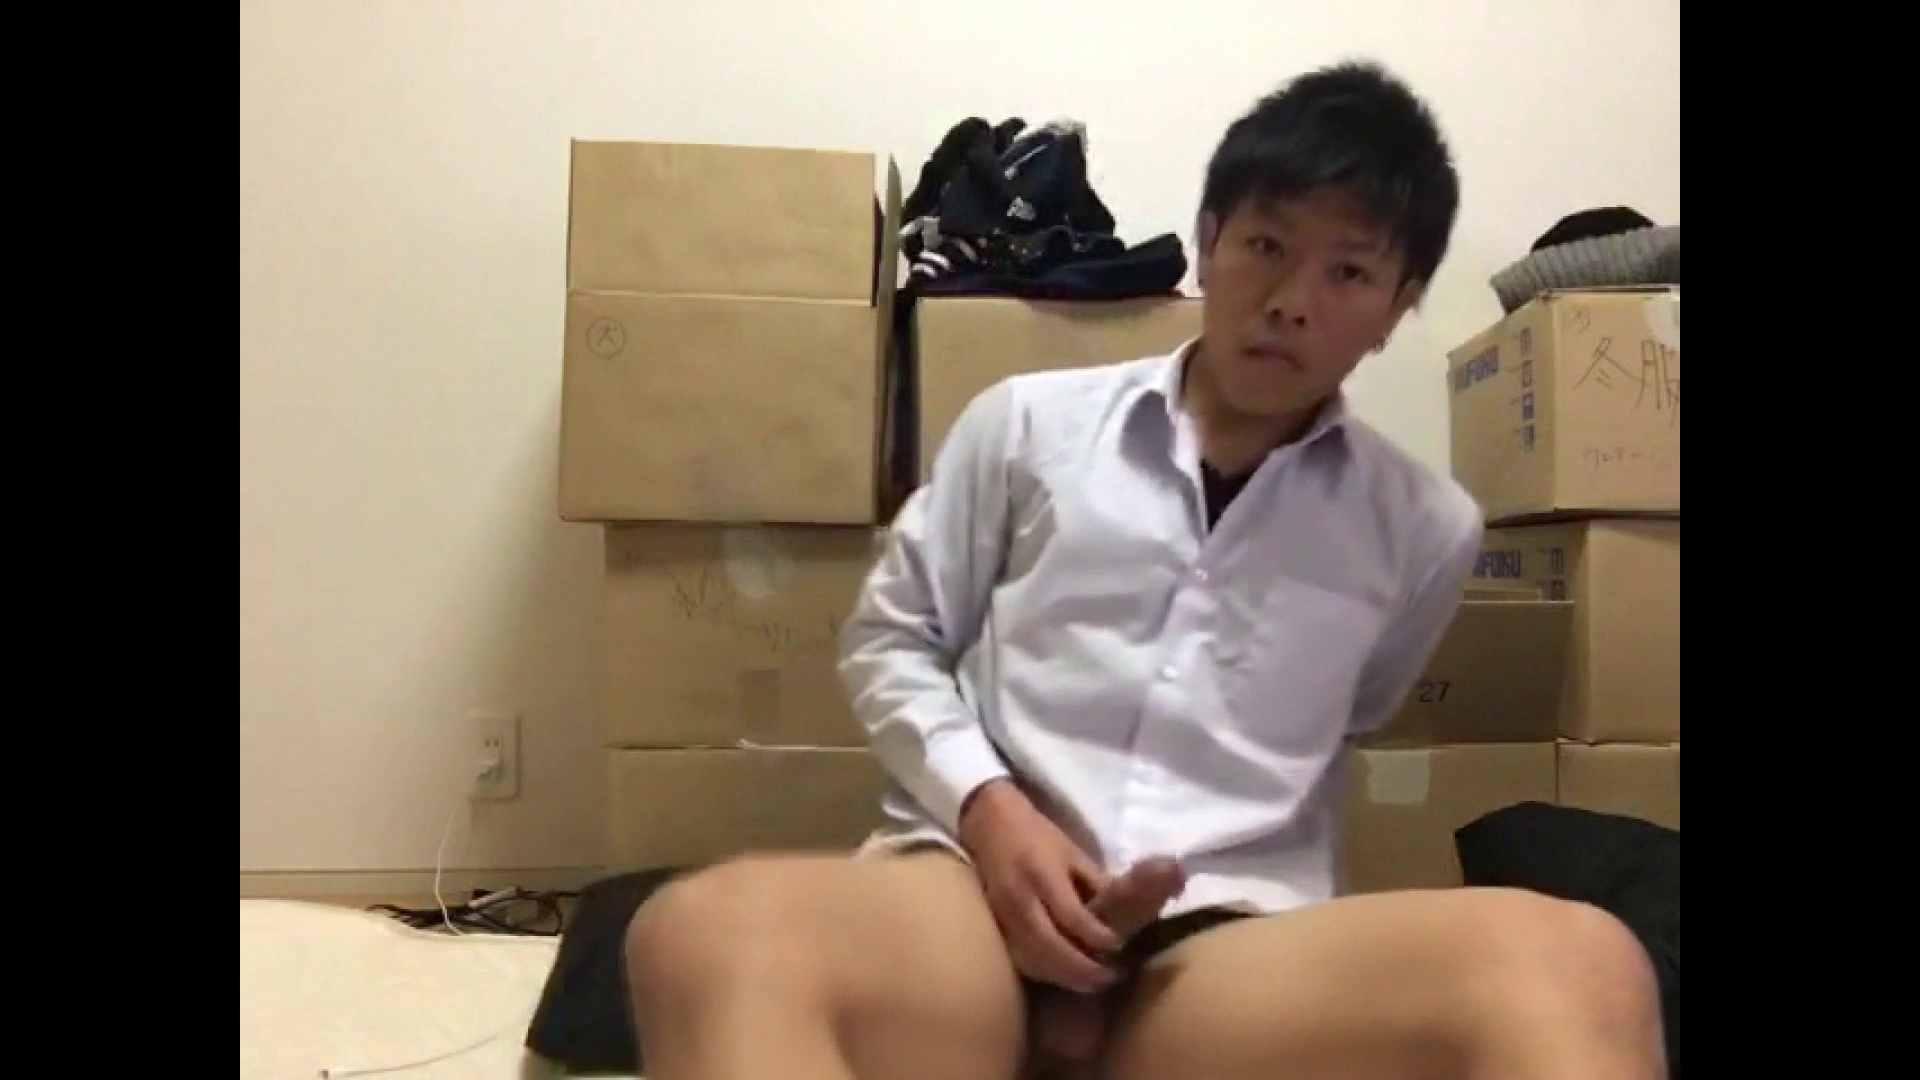 個人撮影 自慰の極意 Vol.1 個人撮影 ゲイエロ動画 101枚 7